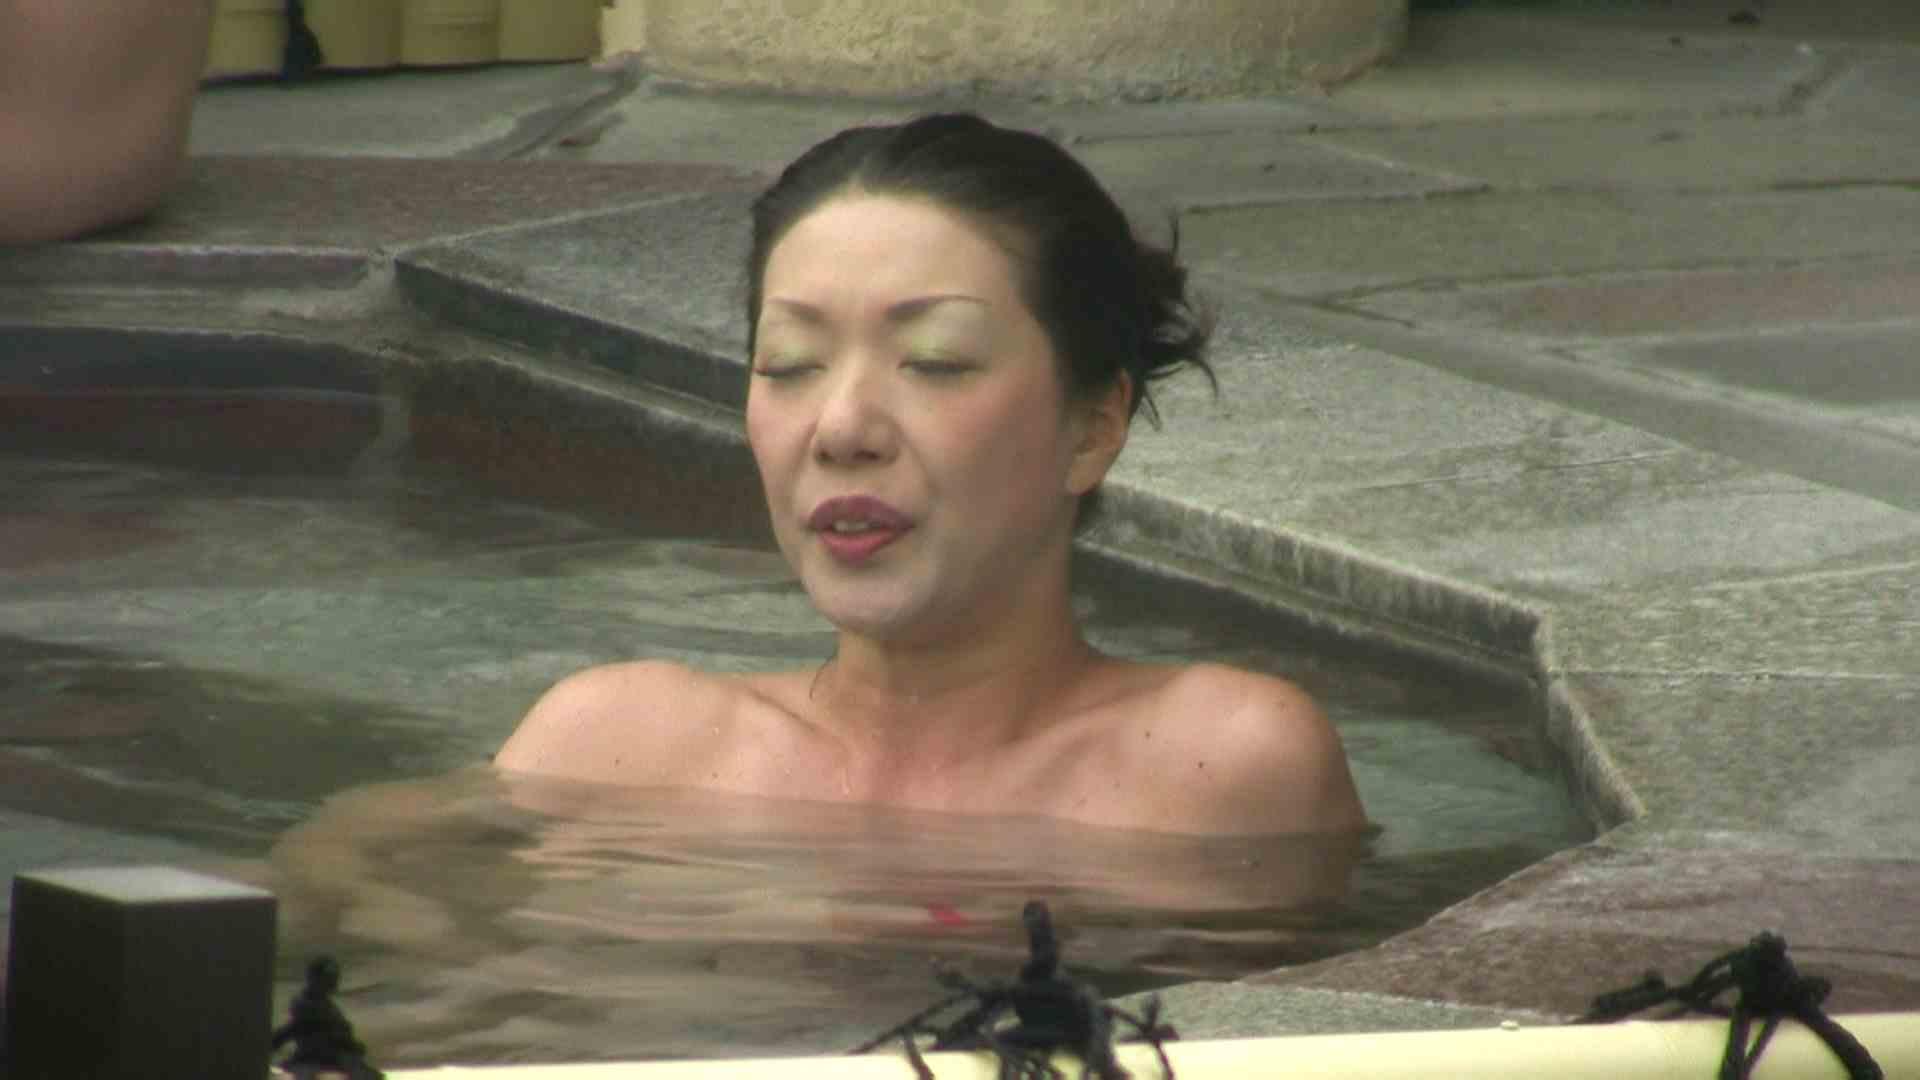 高画質露天女風呂観察 vol.036 高画質 | 女風呂  85pic 1